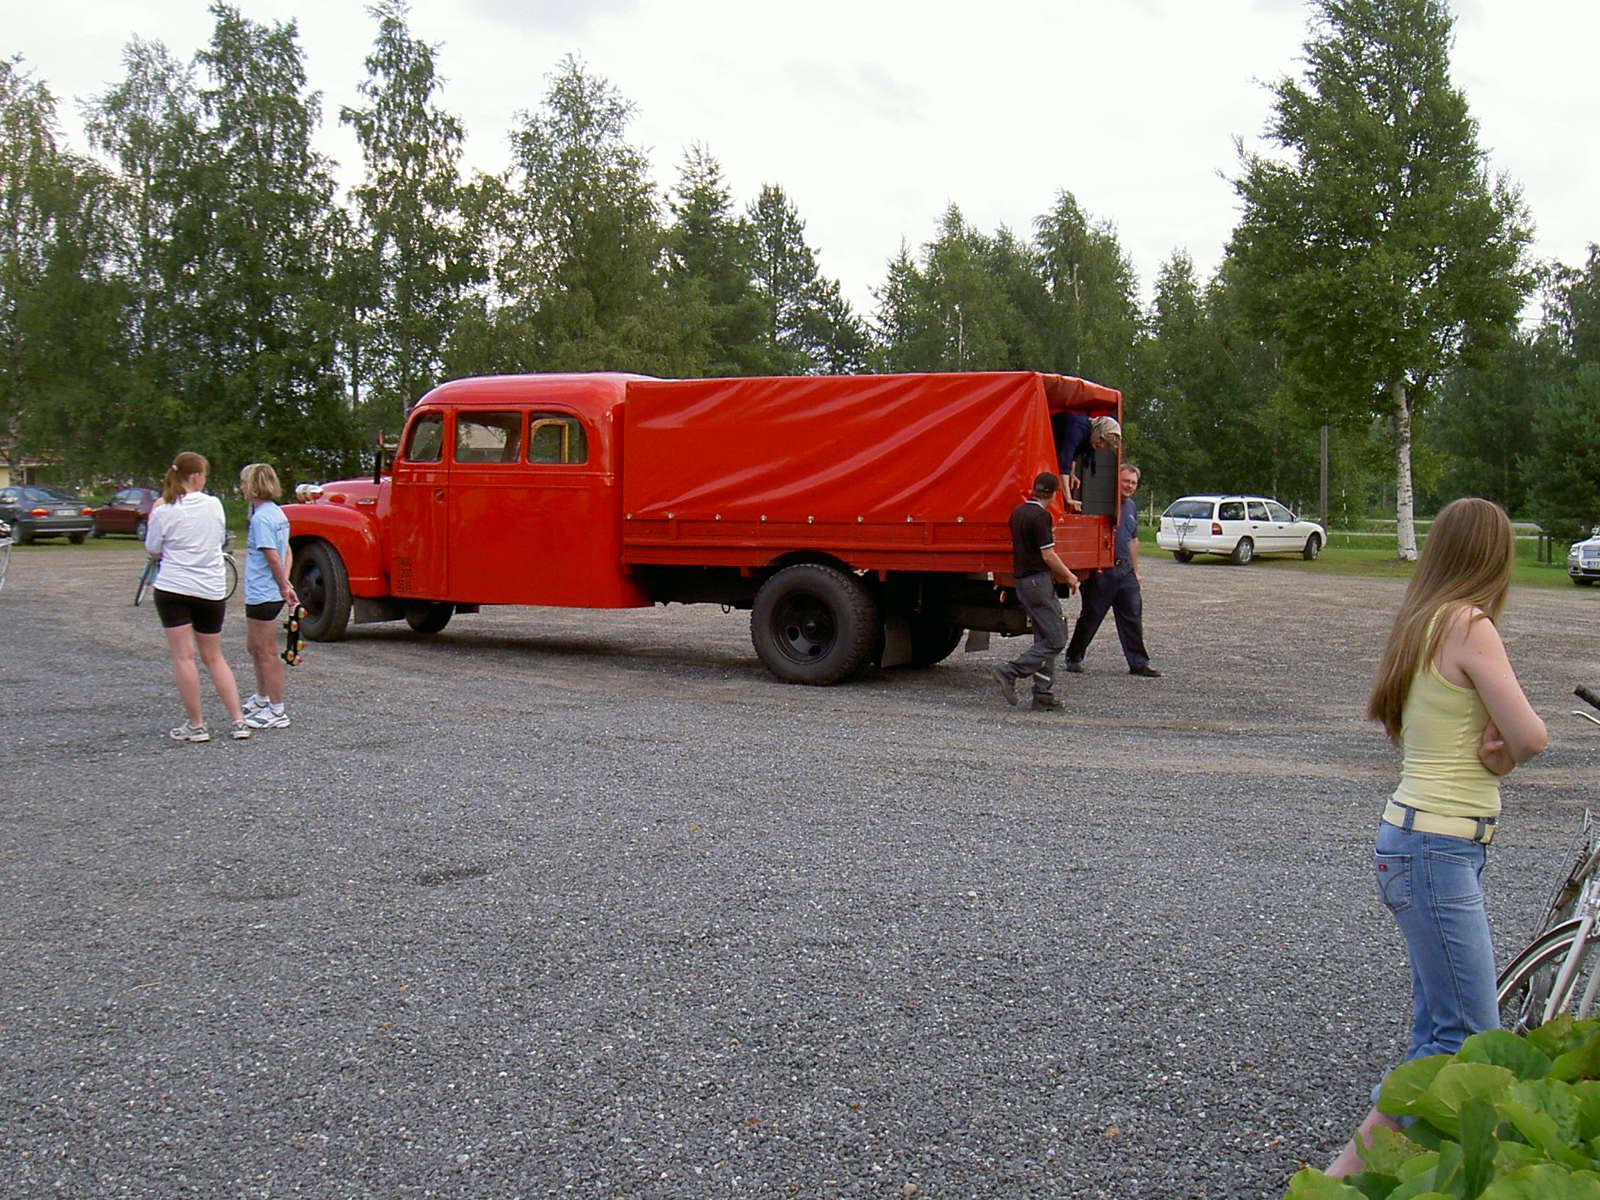 """""""Hulda från Klemetsändan"""" anländer till Majbolänken år 2004 med Lappfjärds Brandklubbs gamla brandbil. Bakom brandbilen Johan Nordström."""